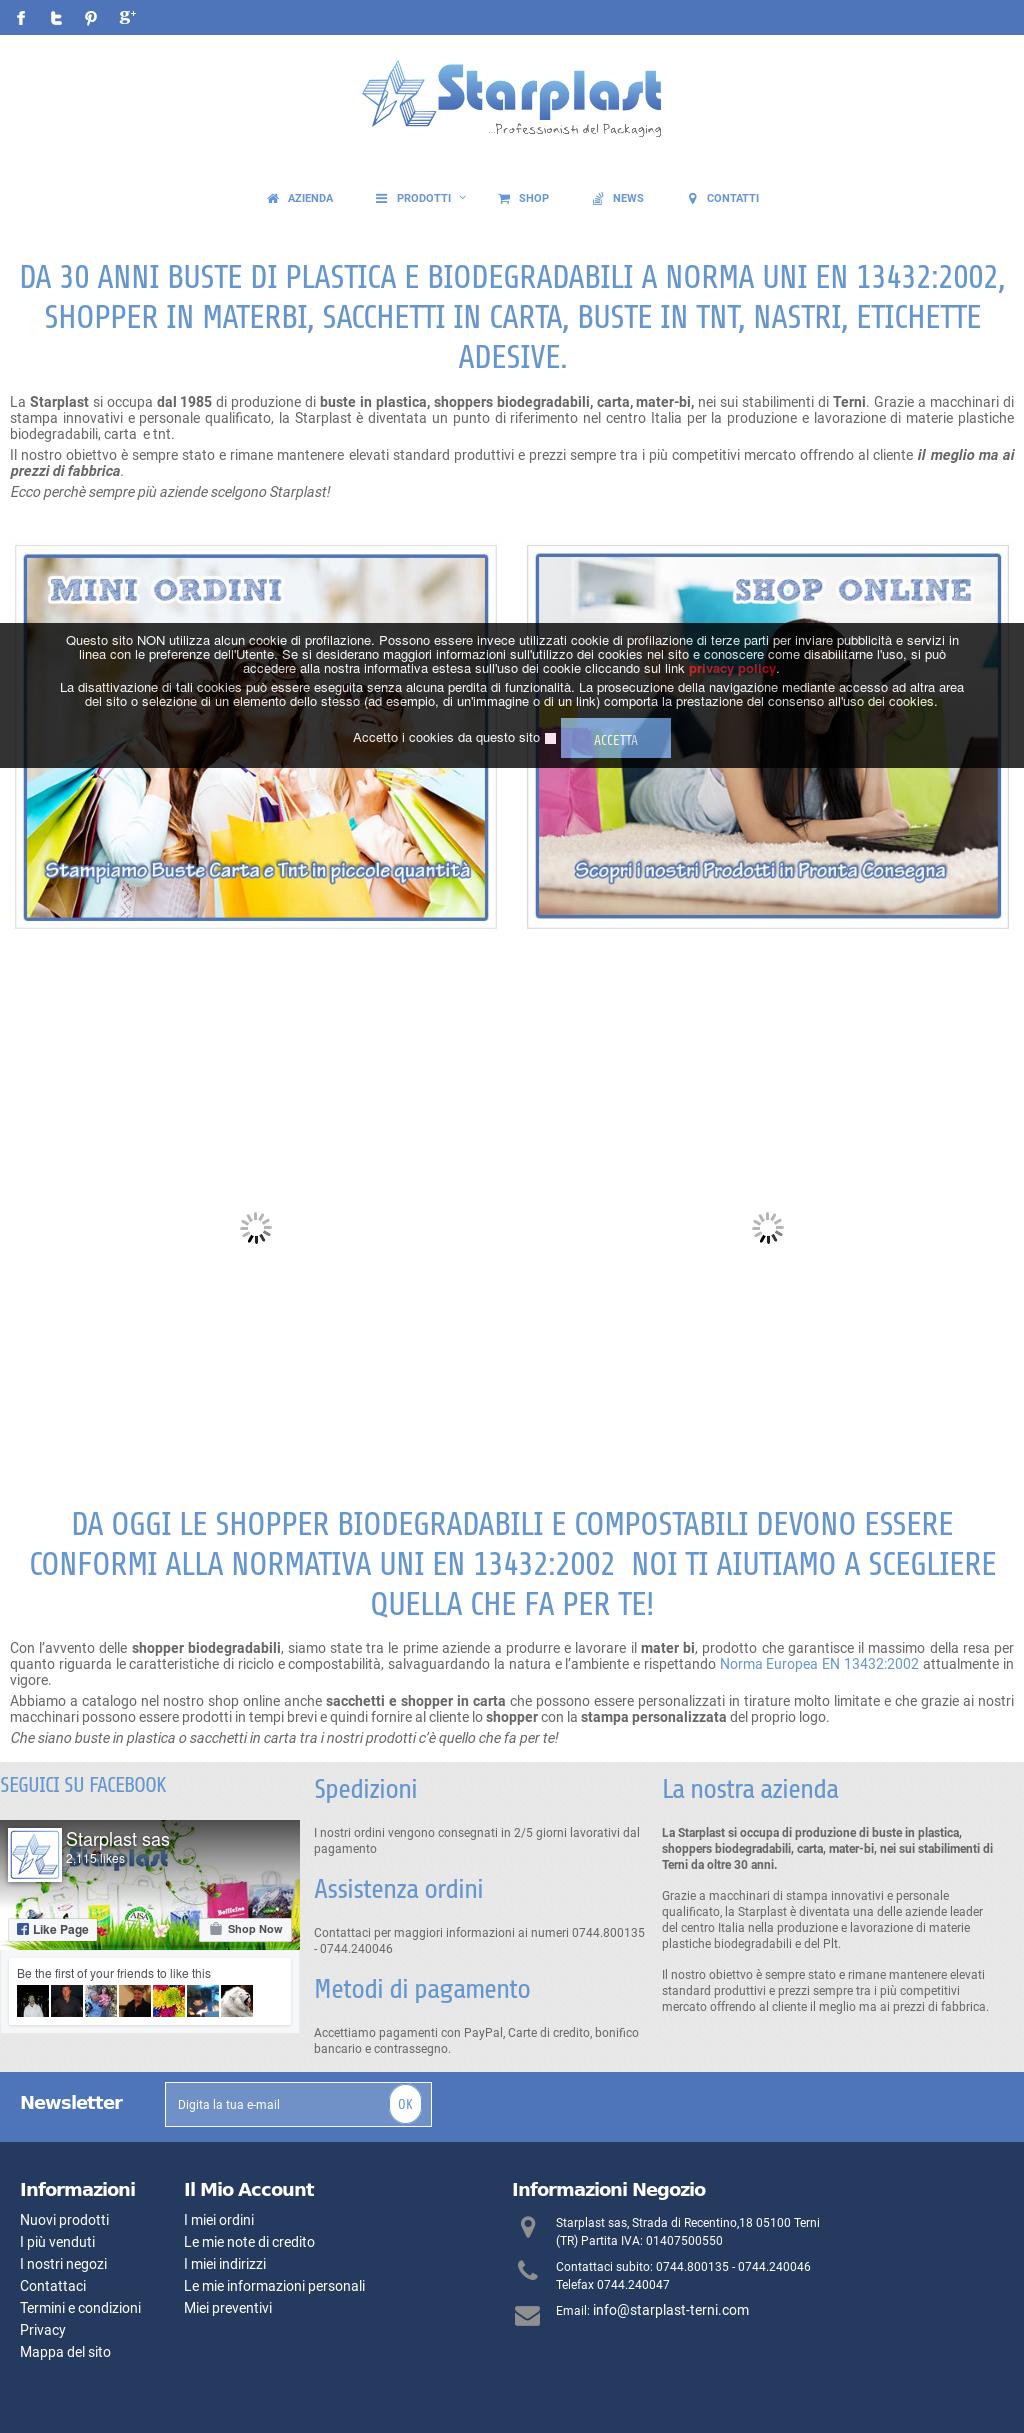 db0d4e44dad8 Starplast Terni Competitors, Revenue and Employees - Owler Company Profile